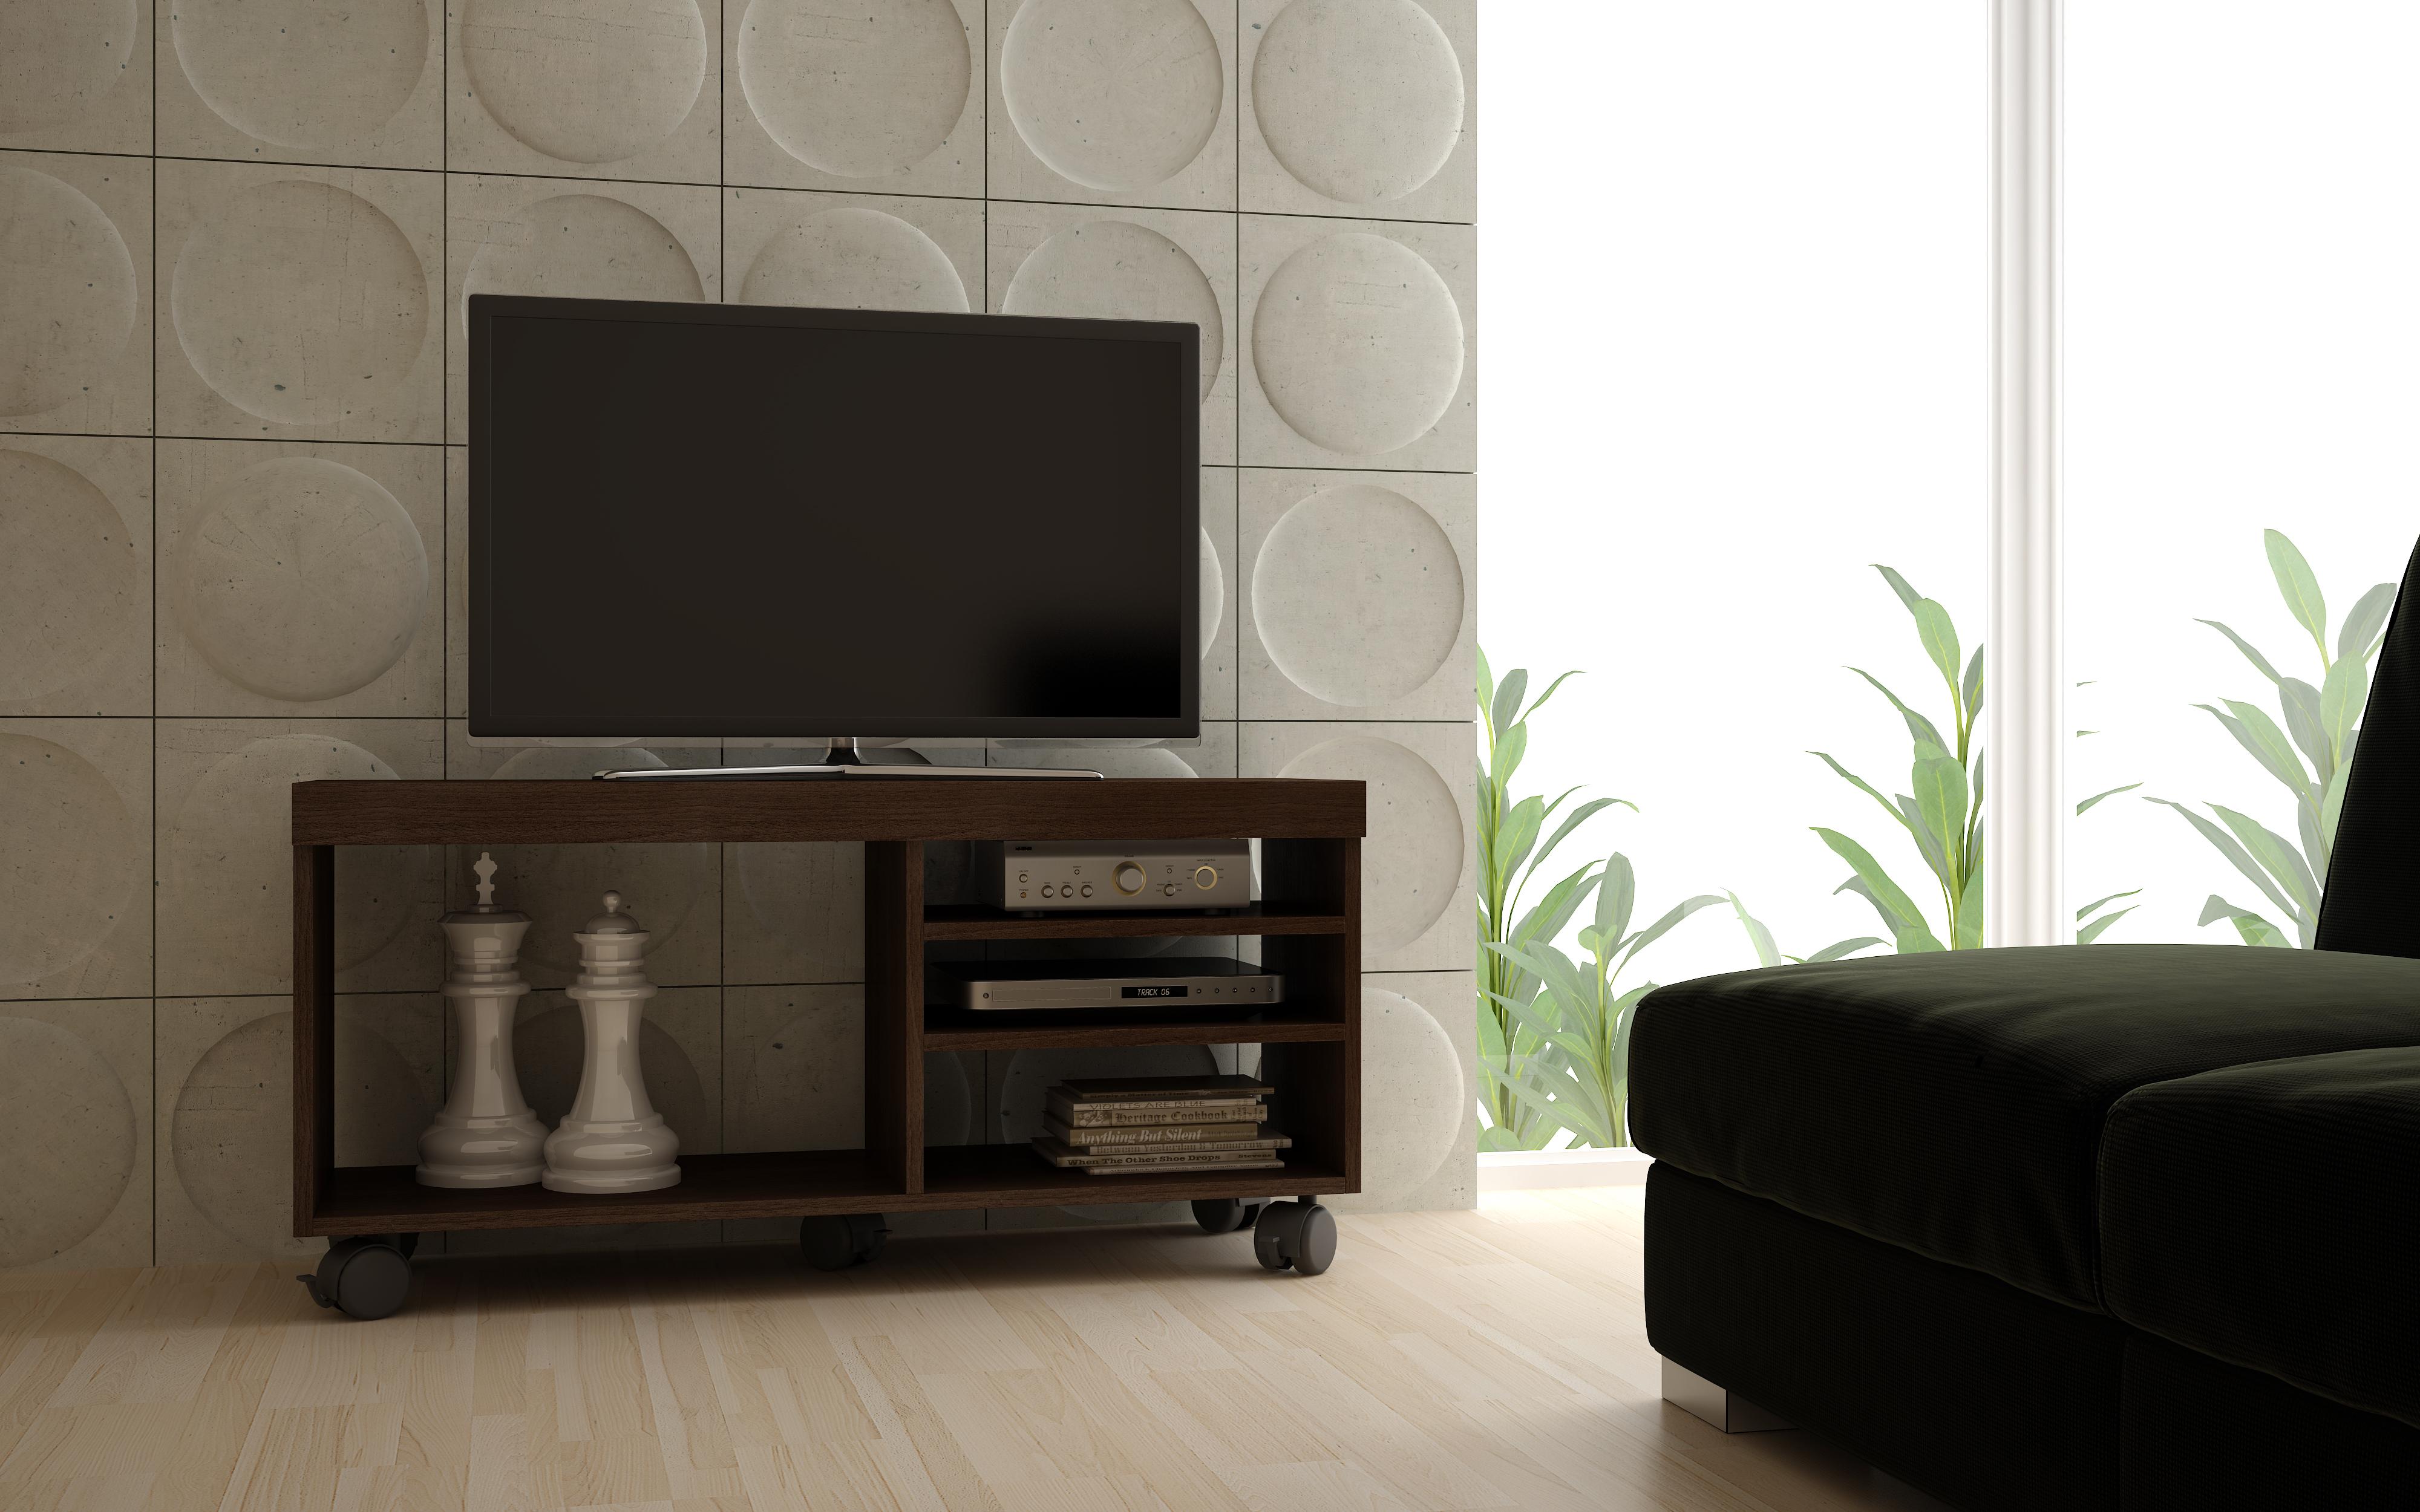 Mueble Para Pantalla Equipo De Sonido Modelo Br 166 Labnash # Muebles Equipo De Sonido